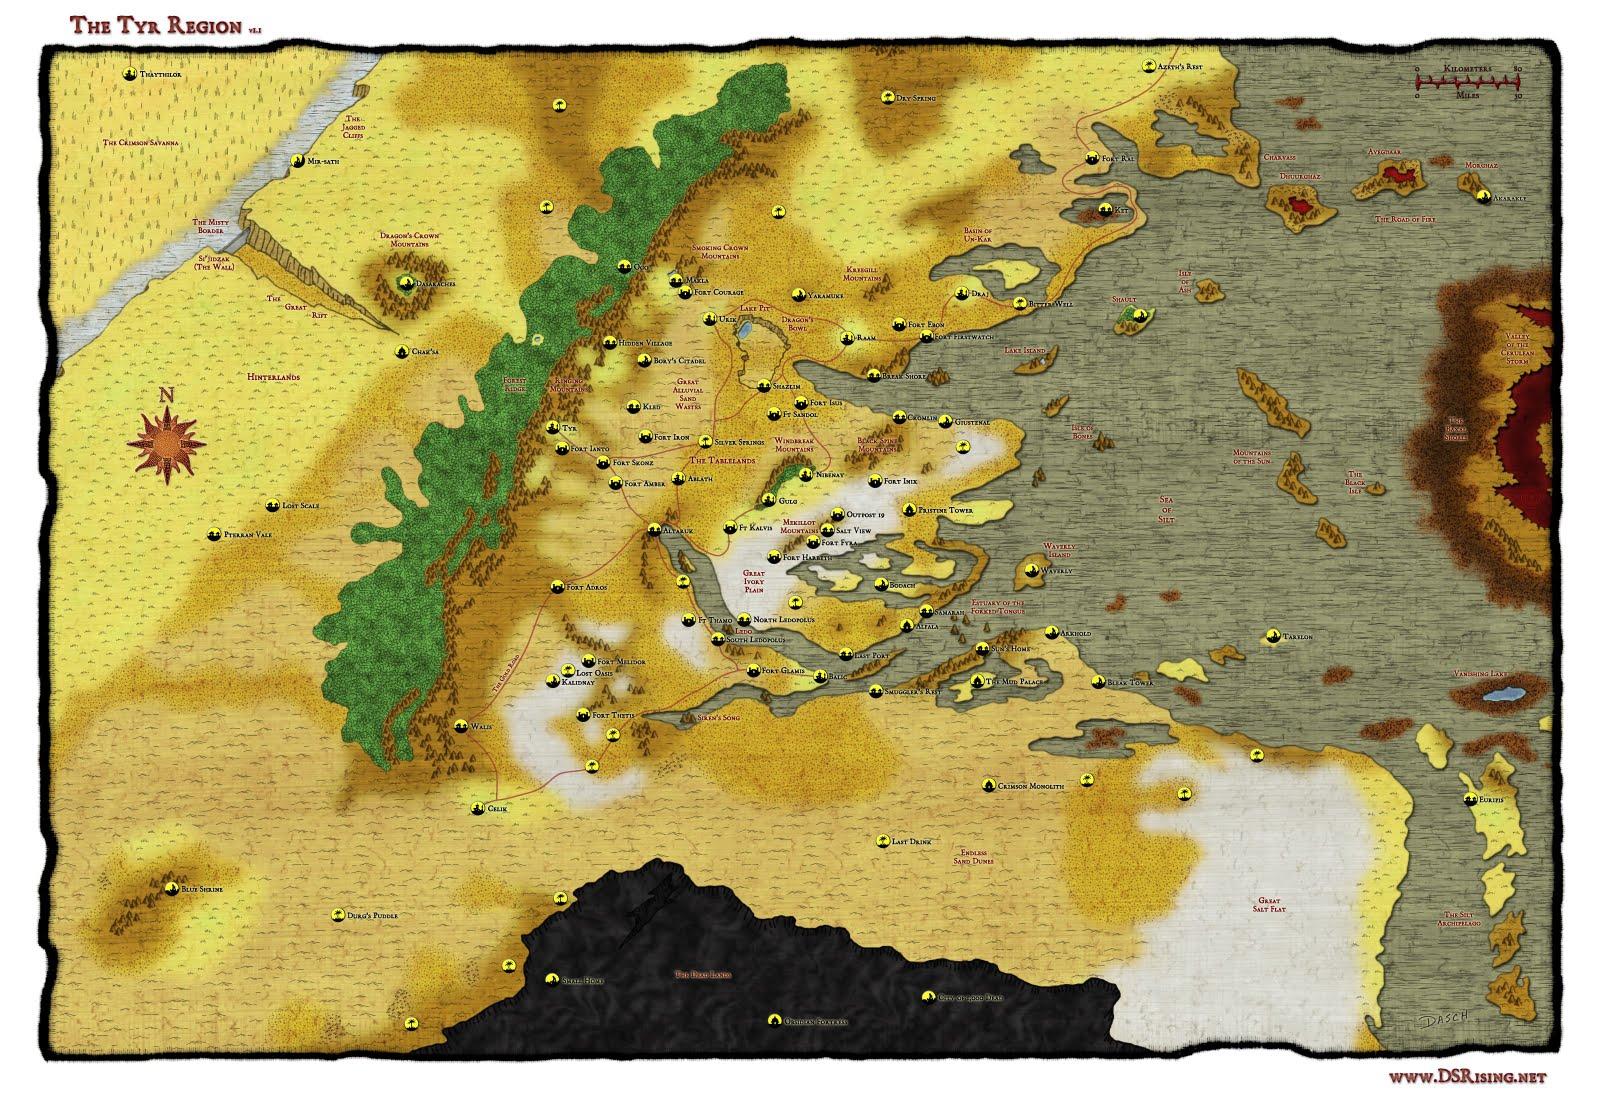 Plano de la Región de Tyr